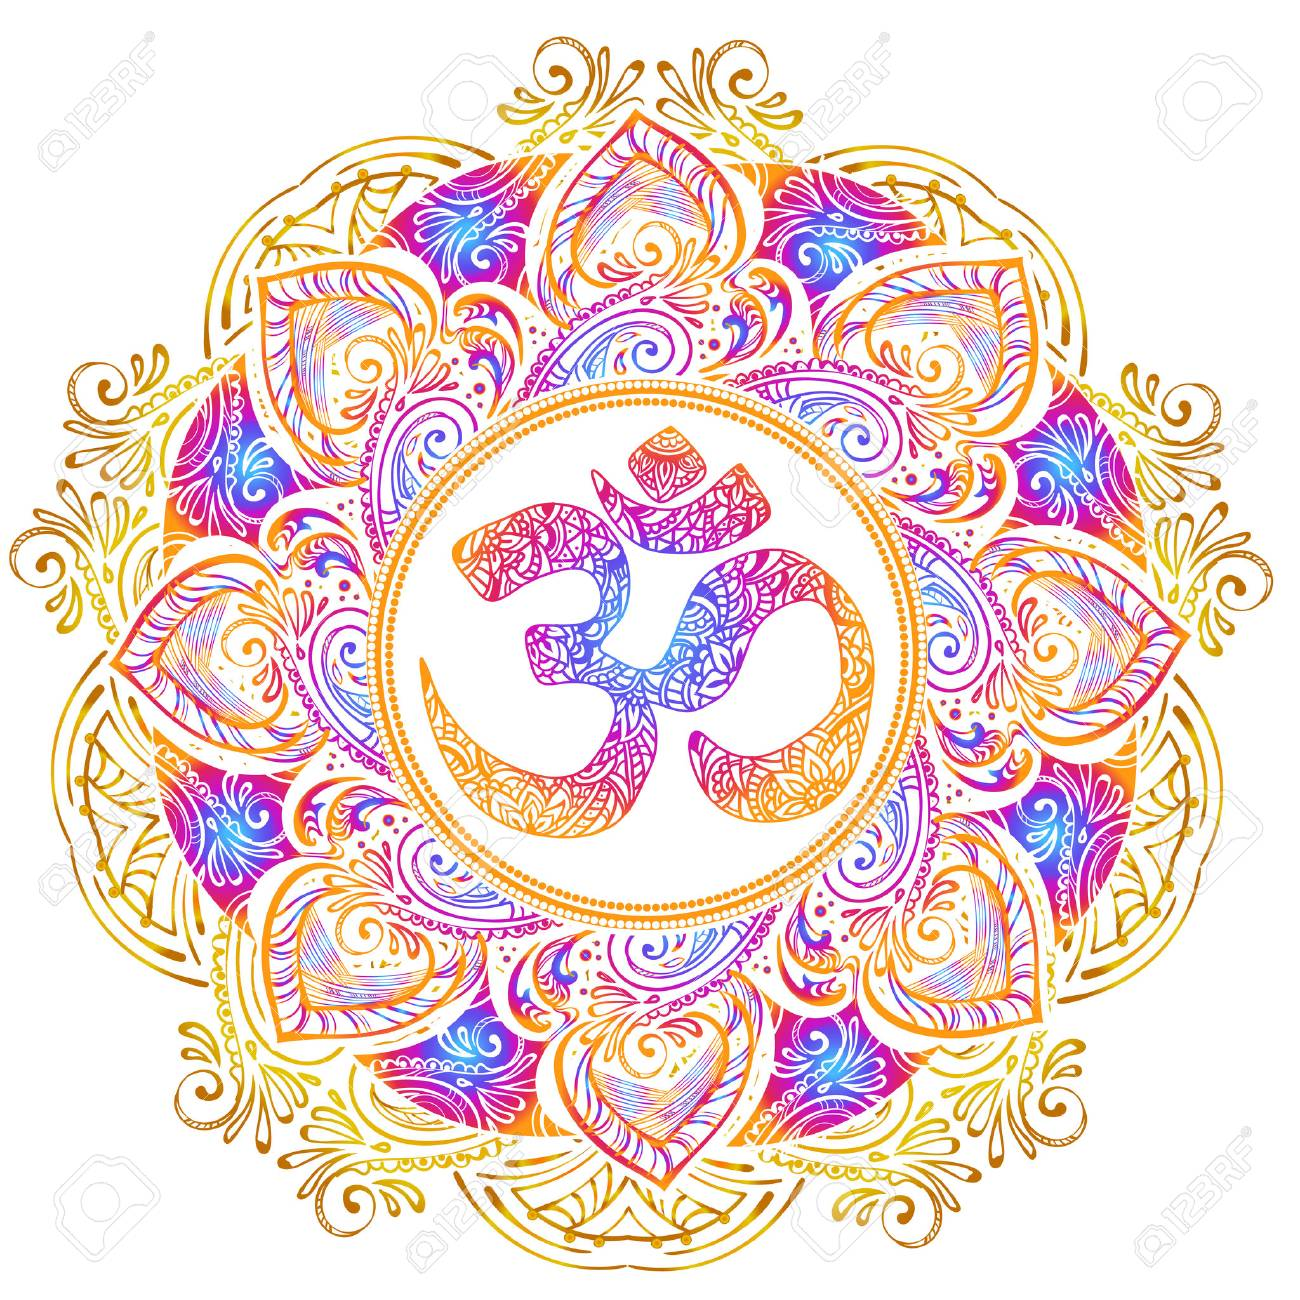 Isolated image mandala vector illustration. - 85186947